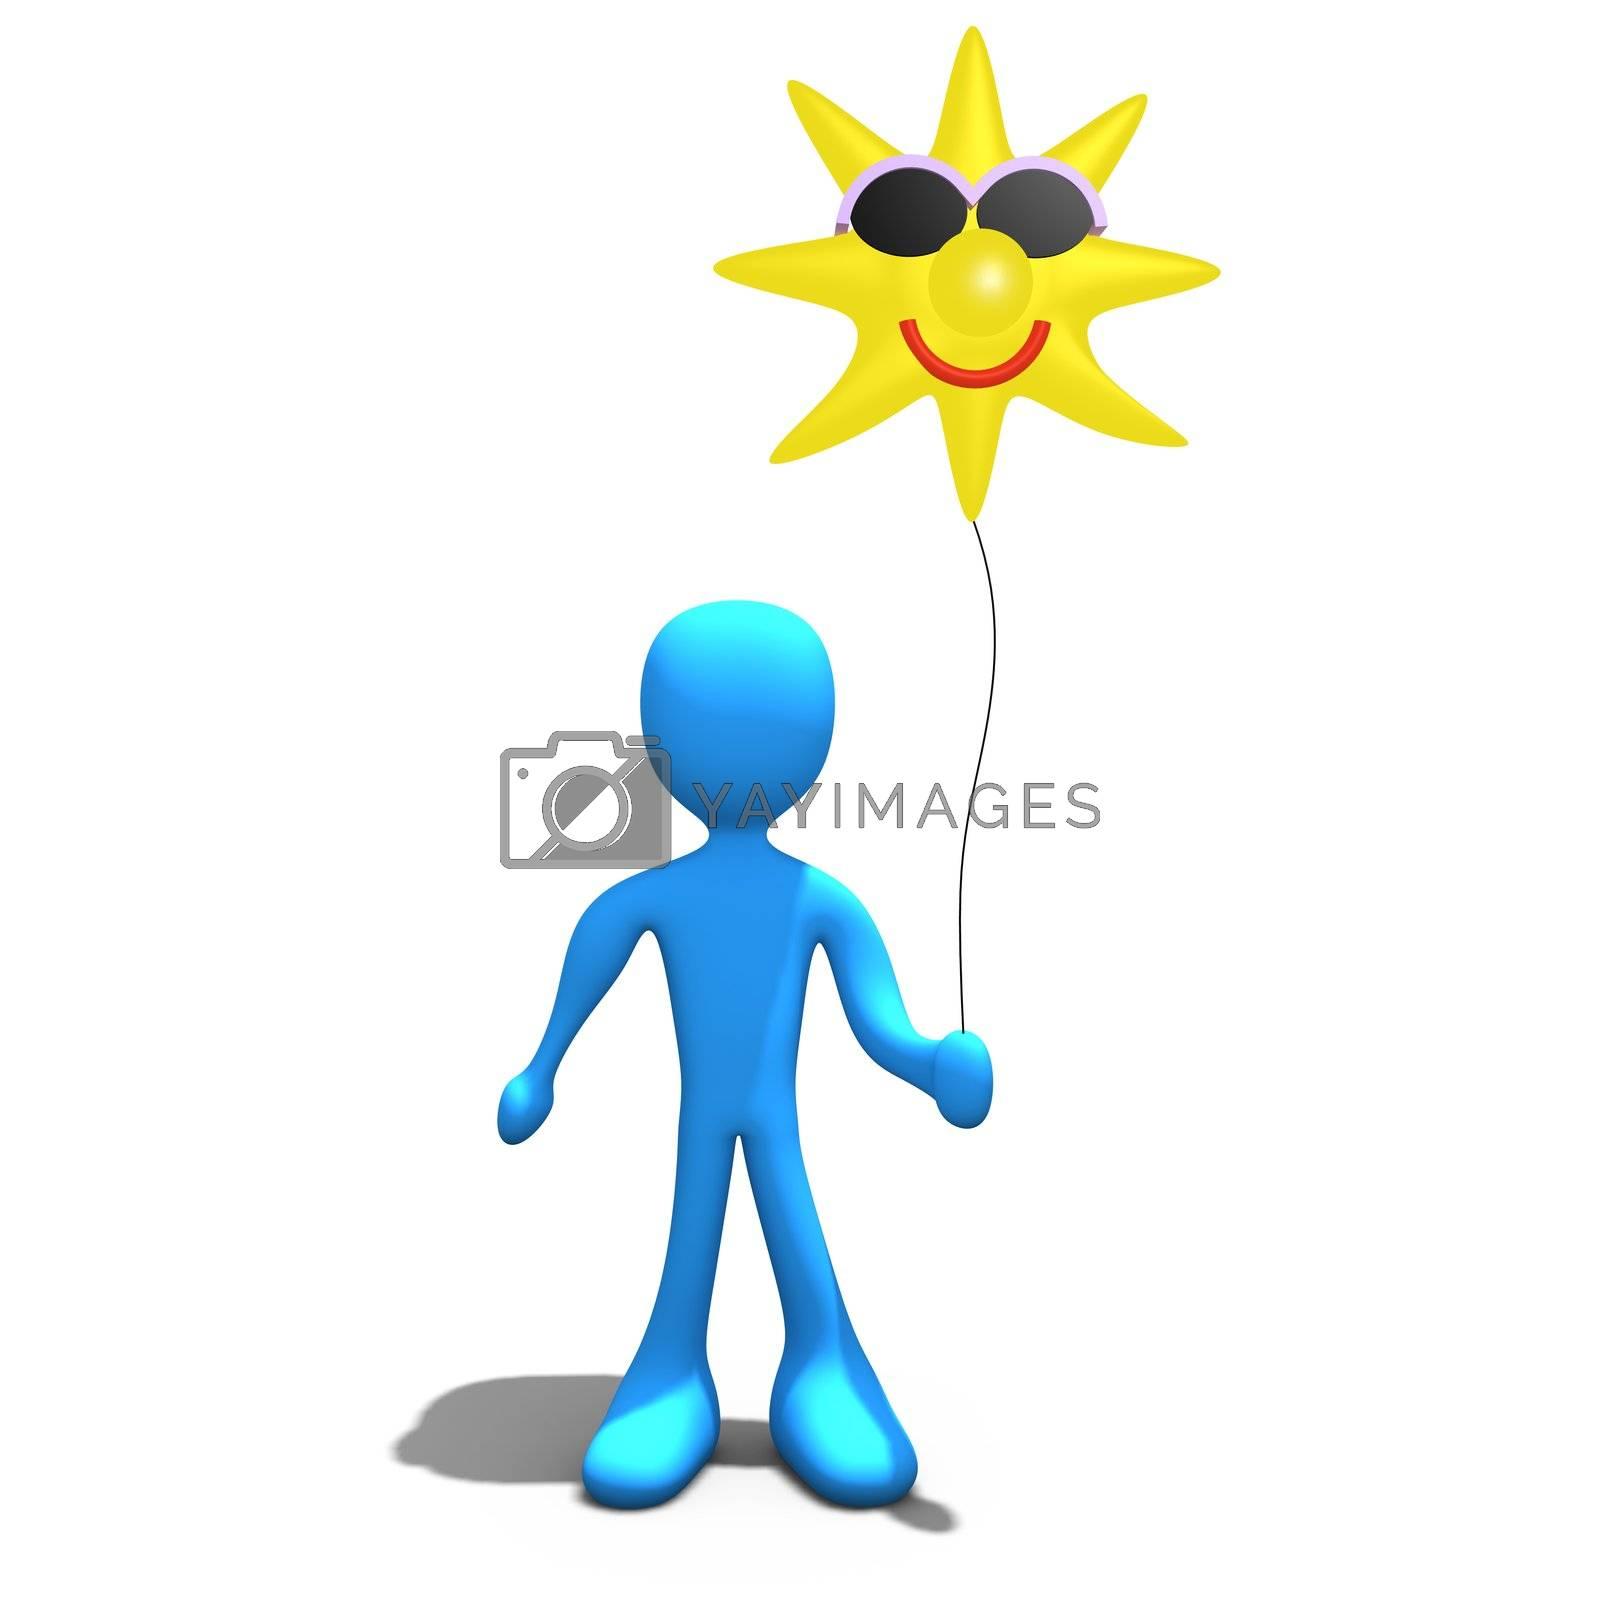 Sunshine by 3pod